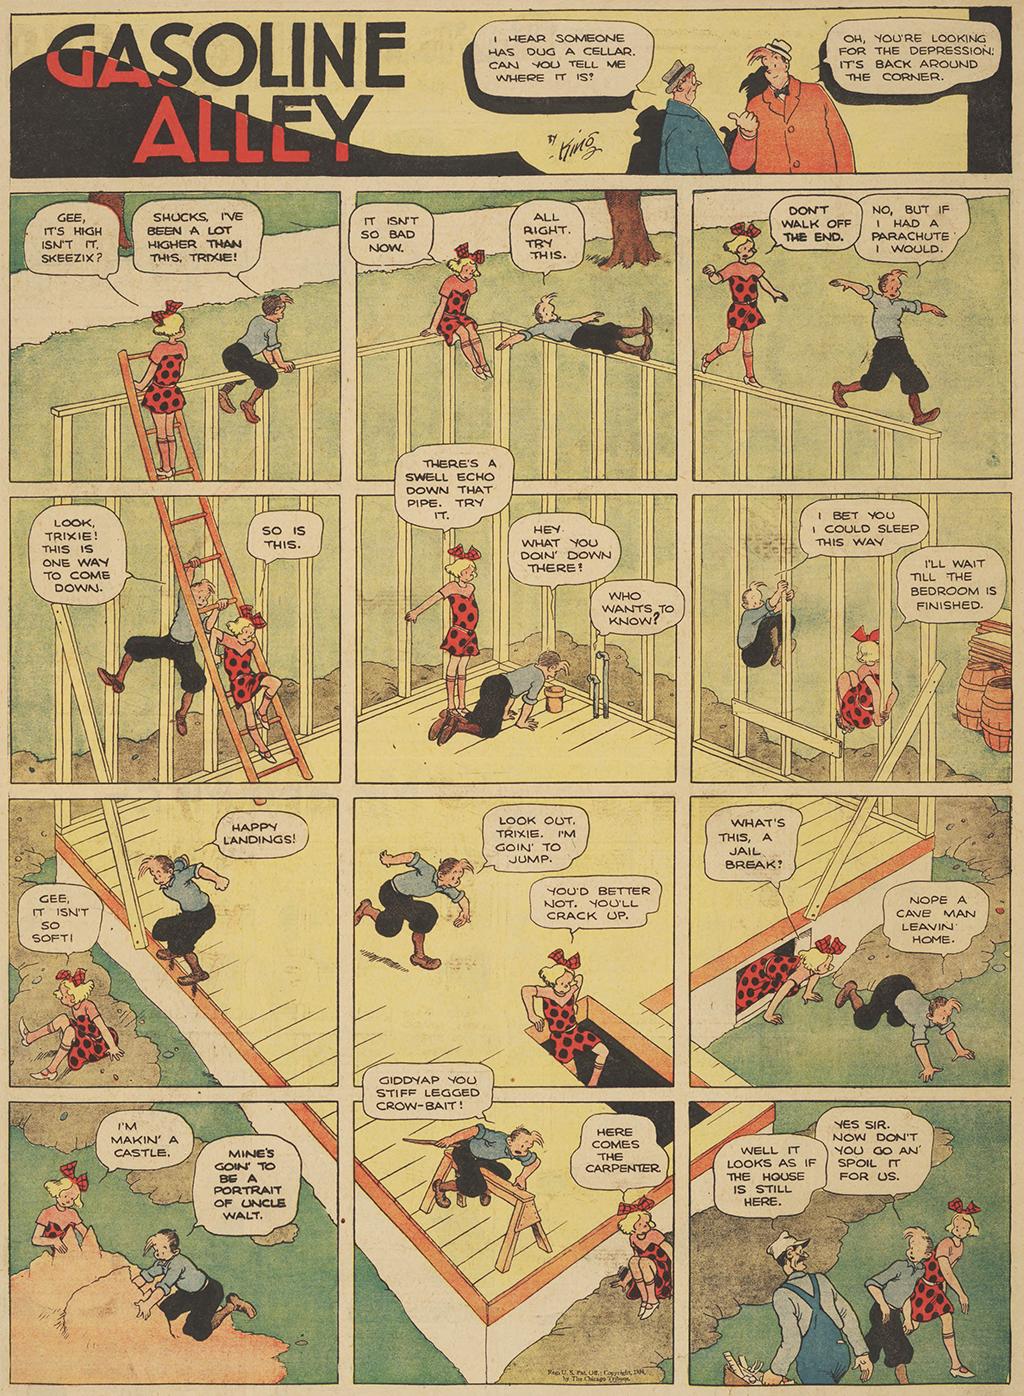 Cartoon of Gasoline Alley